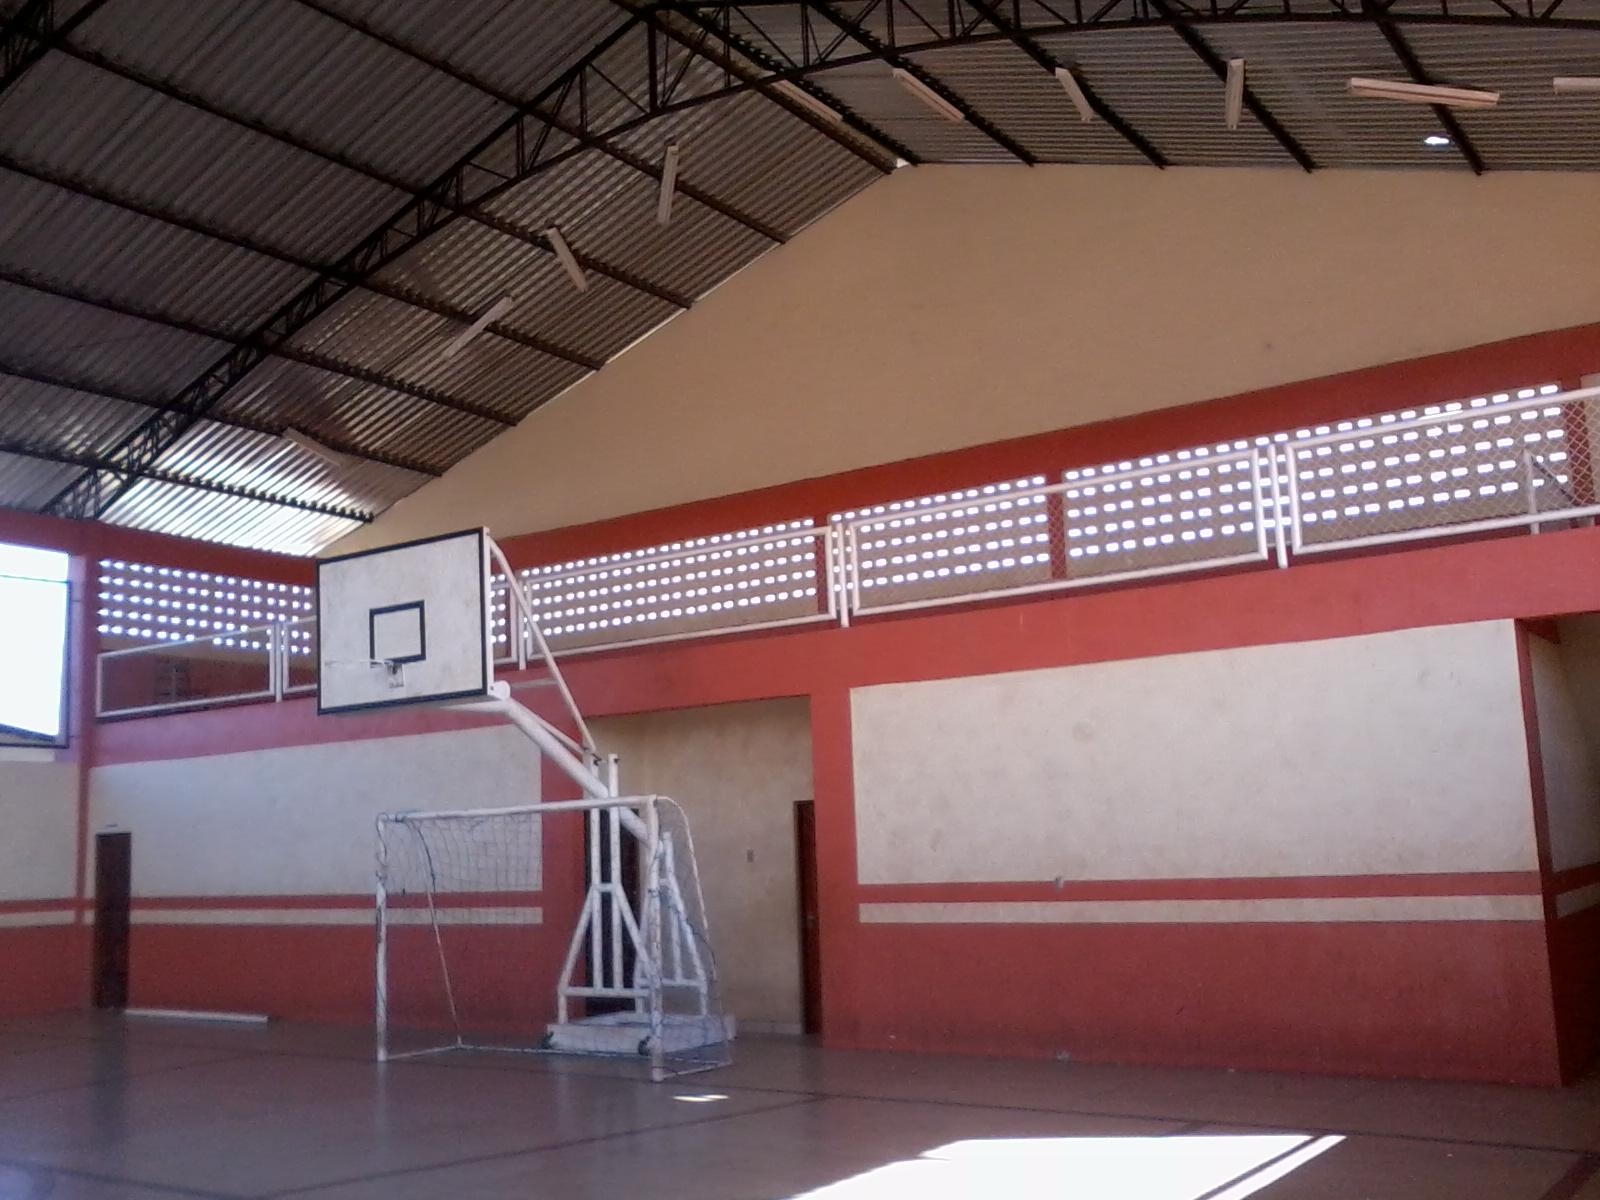 escola tem agora cozinha mais ampla depósito área de refeição  #8E3F3D 1600x1200 Adaptação Banheiro Cadeirante